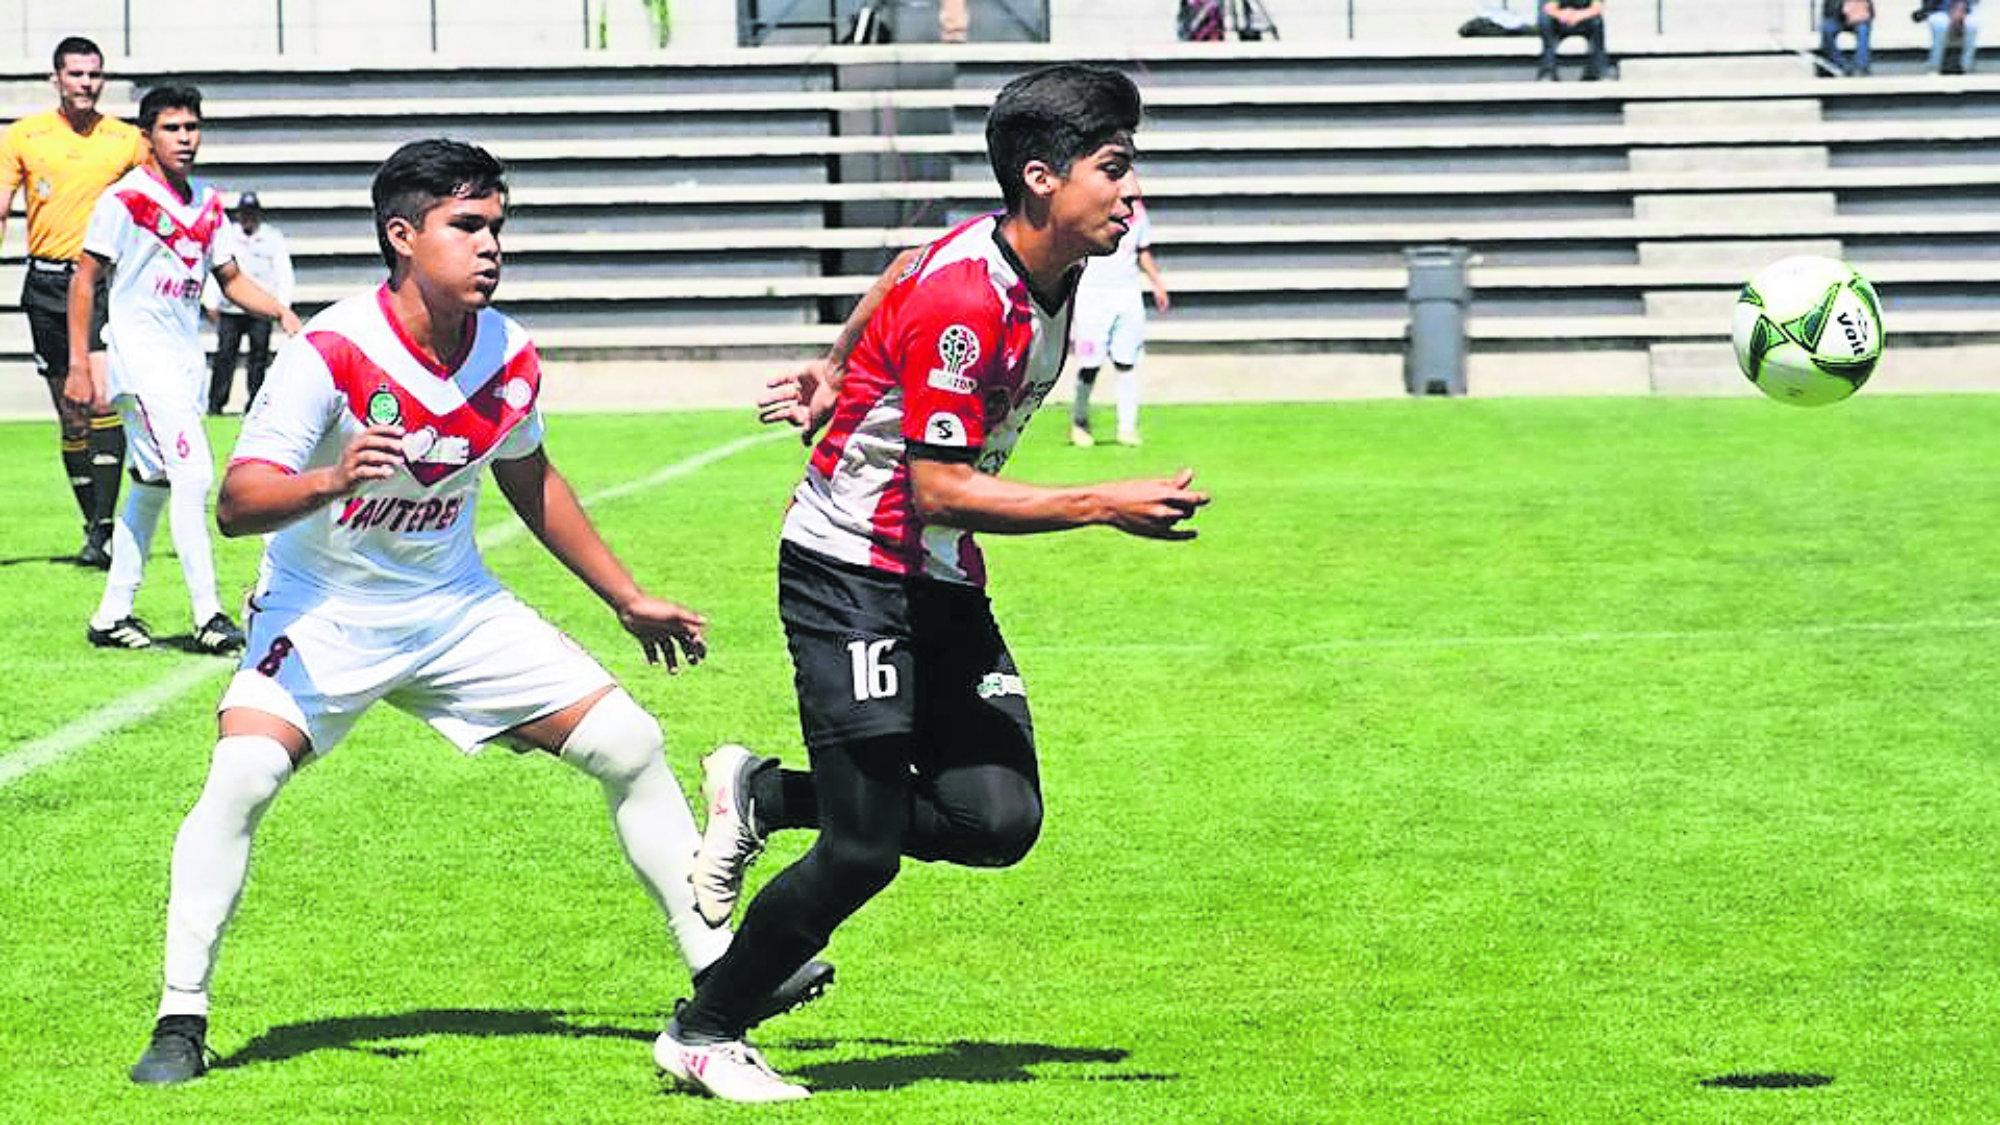 Leones Cuernavaca Cañeritos Selva Cañera Tercera División